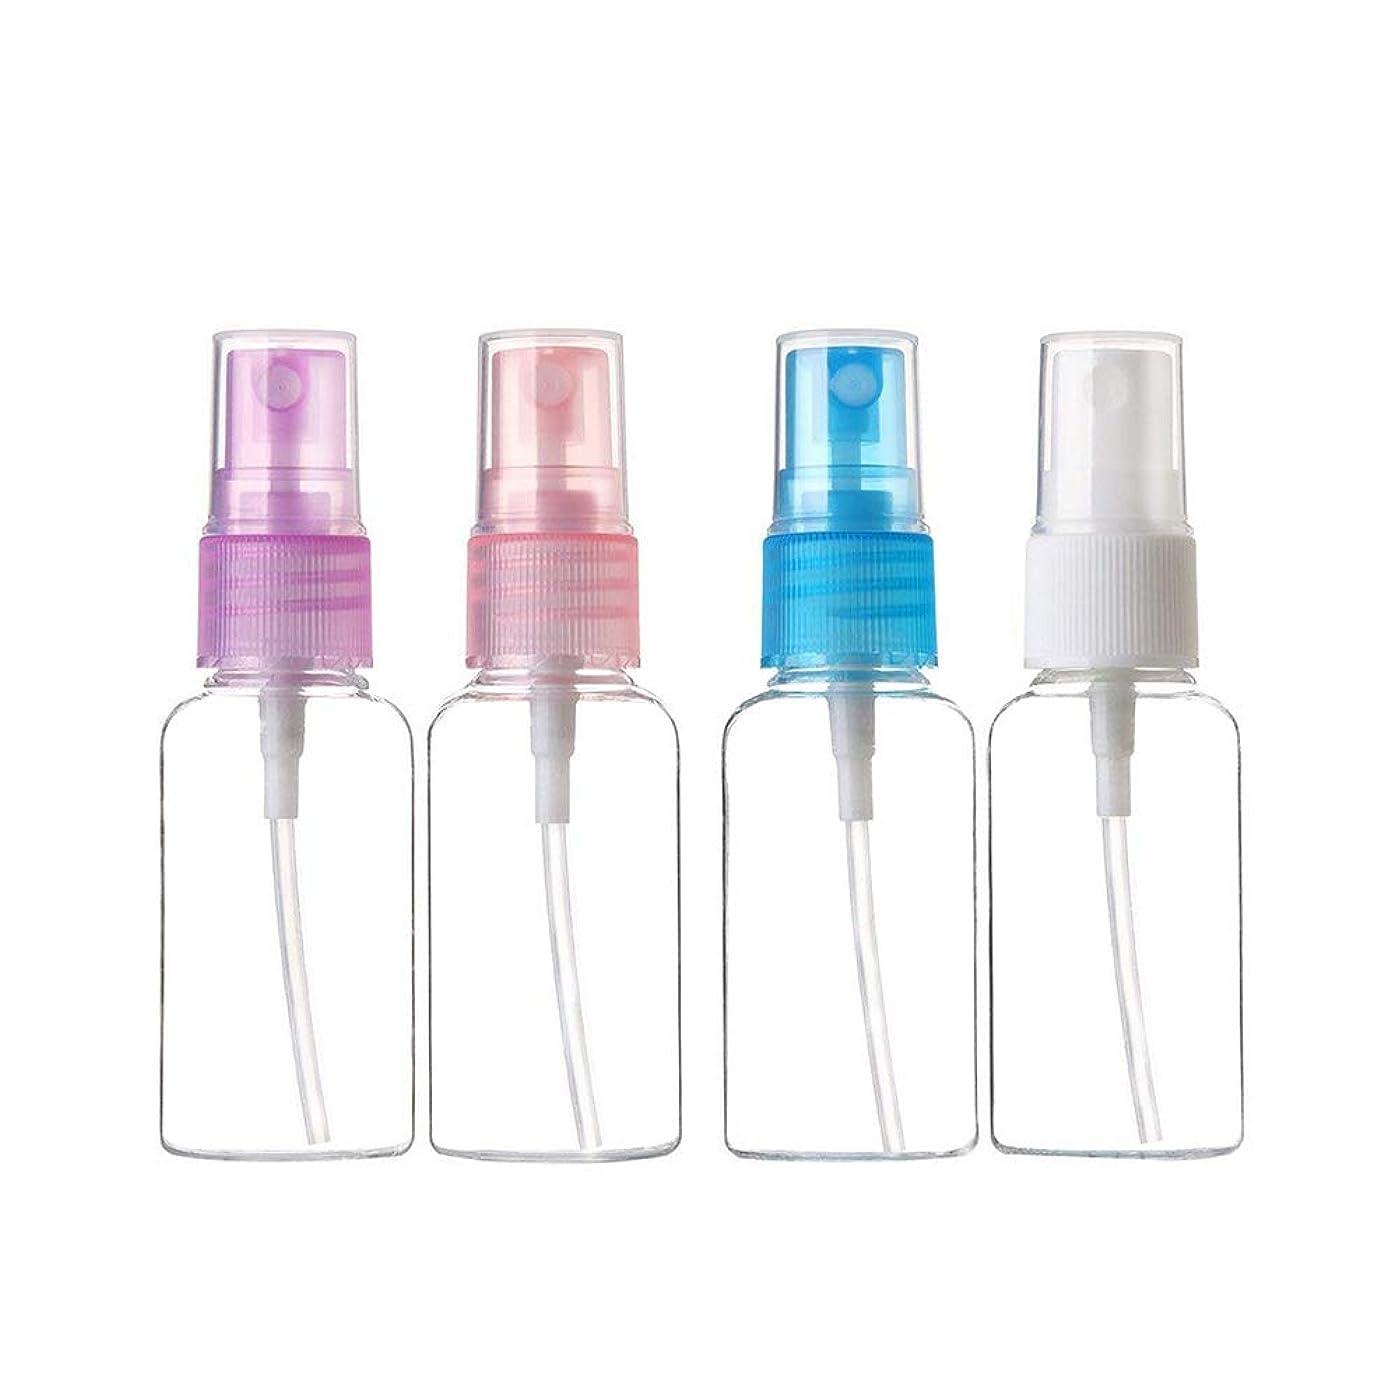 妻コーデリアスライスポータブル詰め替え可能なプラスチックミストスプレーボトル 透明なエアスプレーボトル 液体分配ボトル 化粧品スプレーボトル トランスペアレントトラベルバイアル 4PCS ???(30ml)